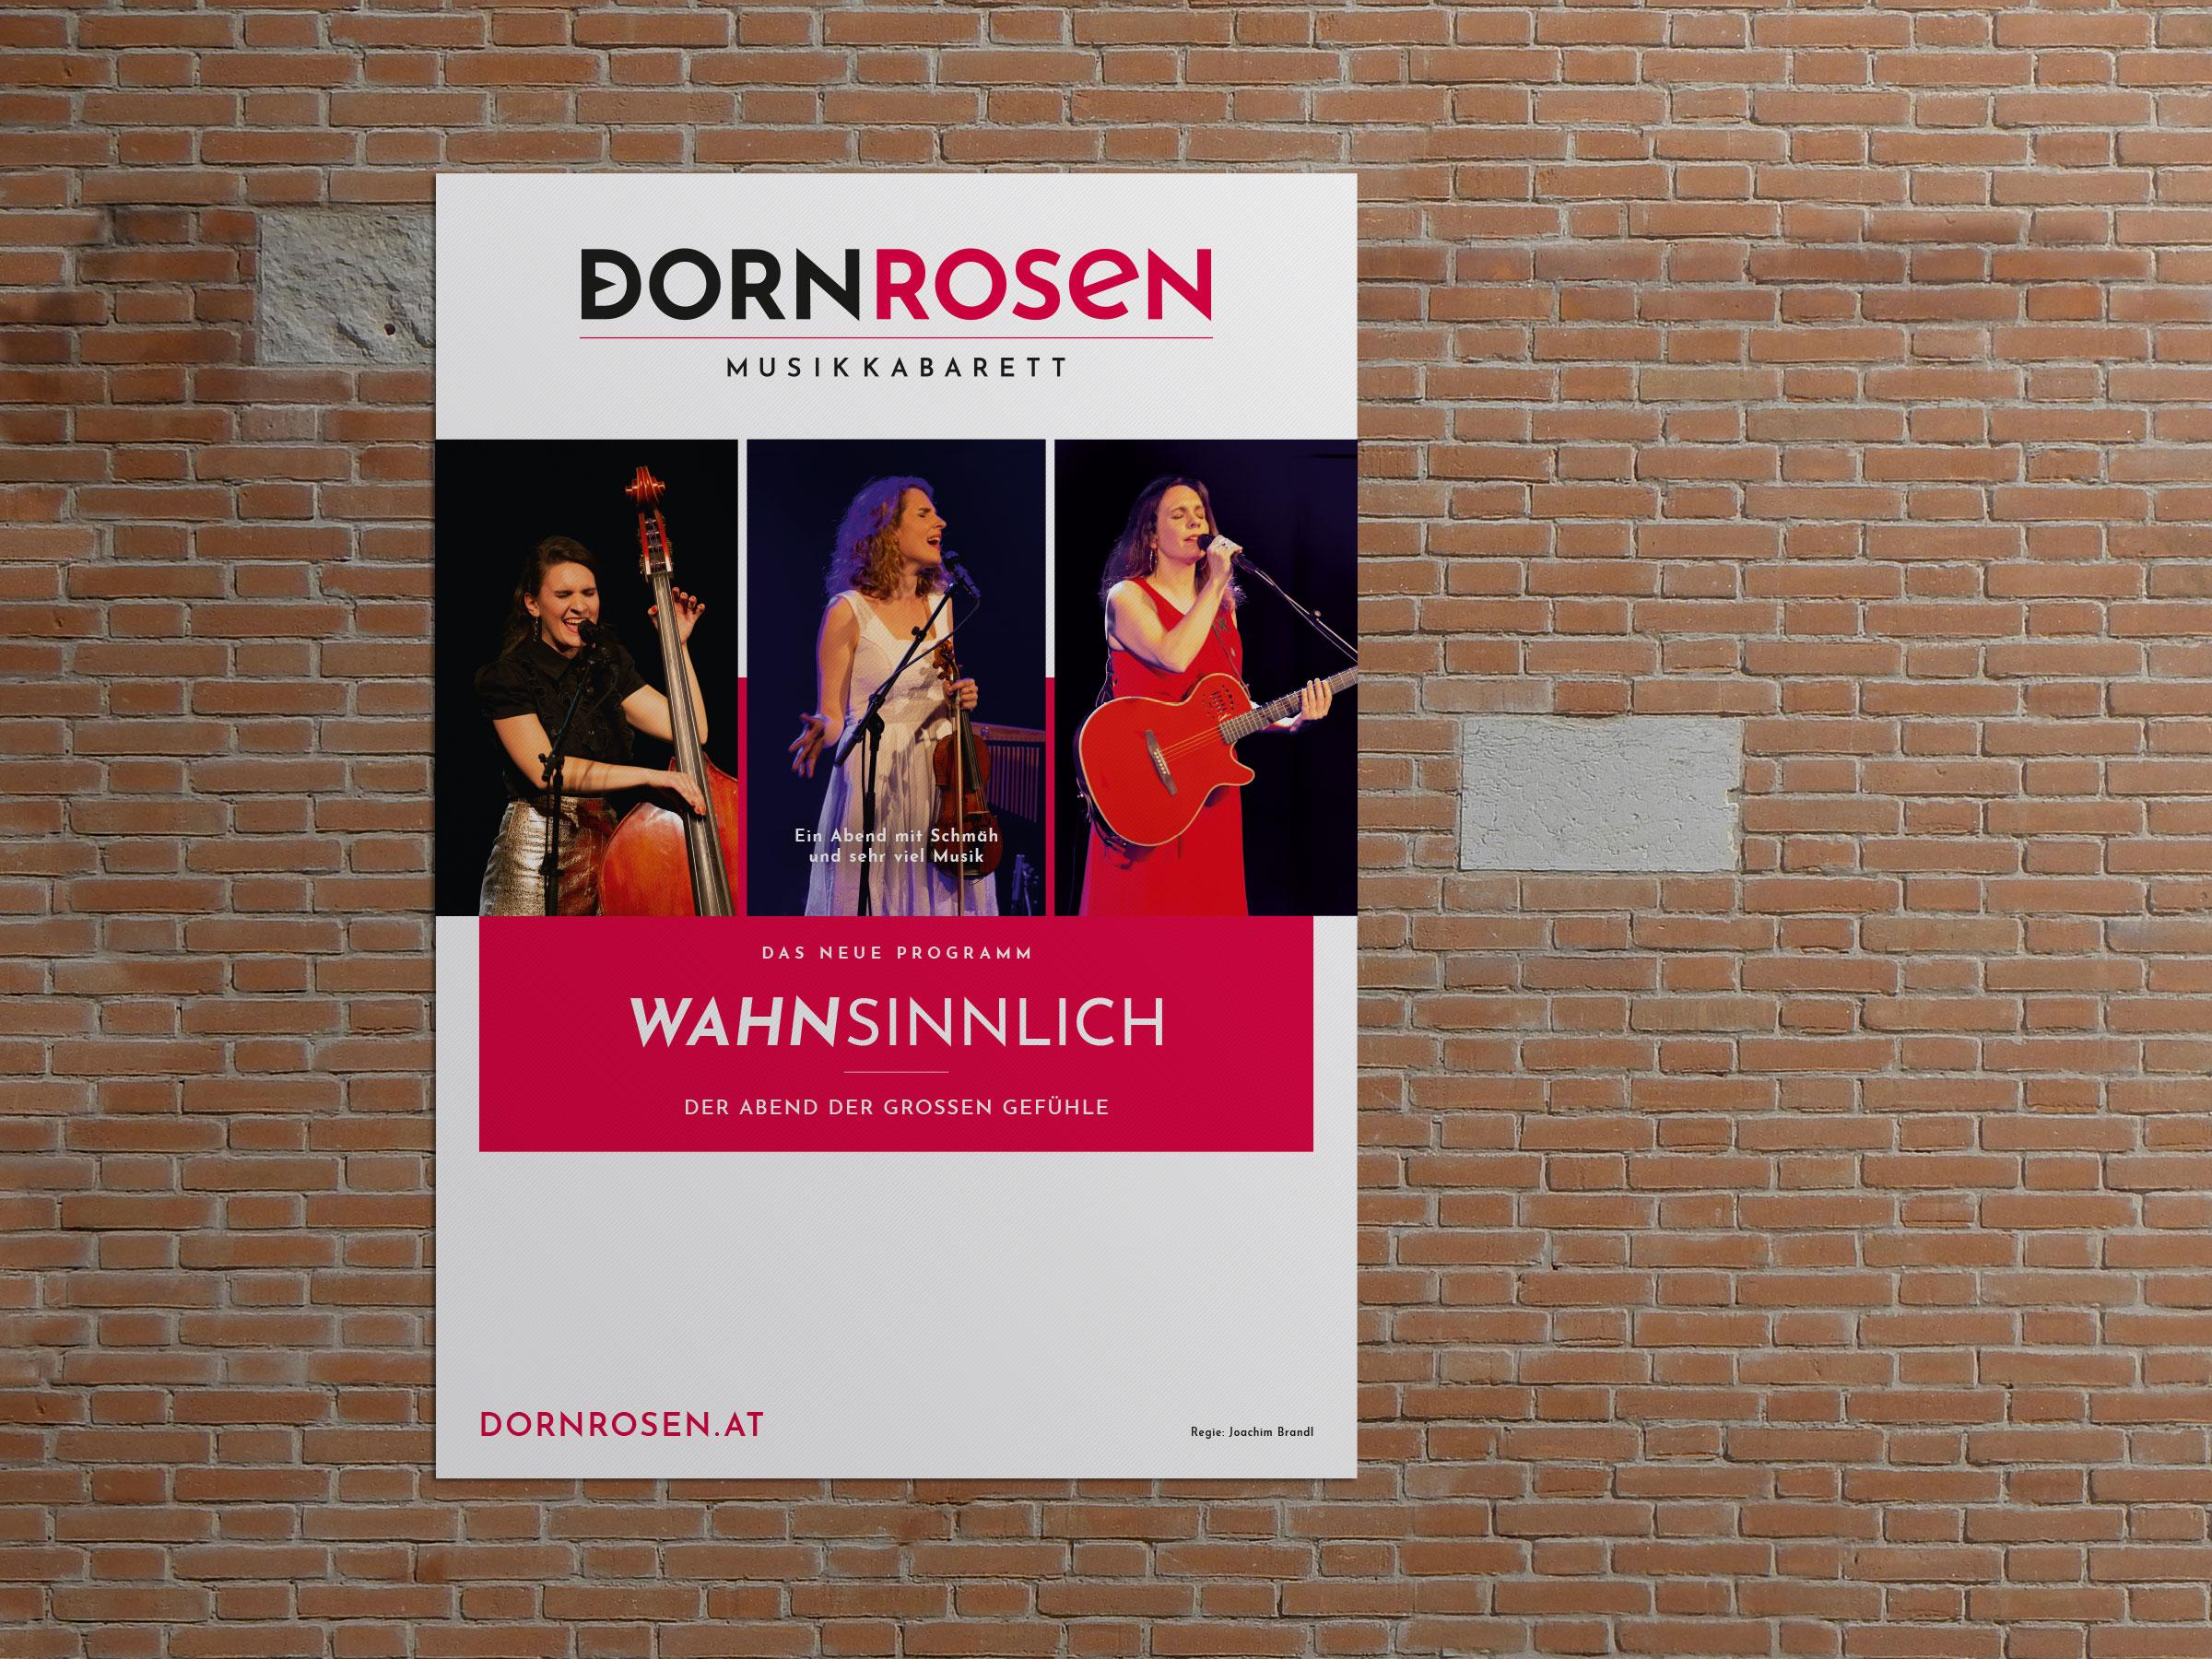 WW_Dornrosen_9a_pic